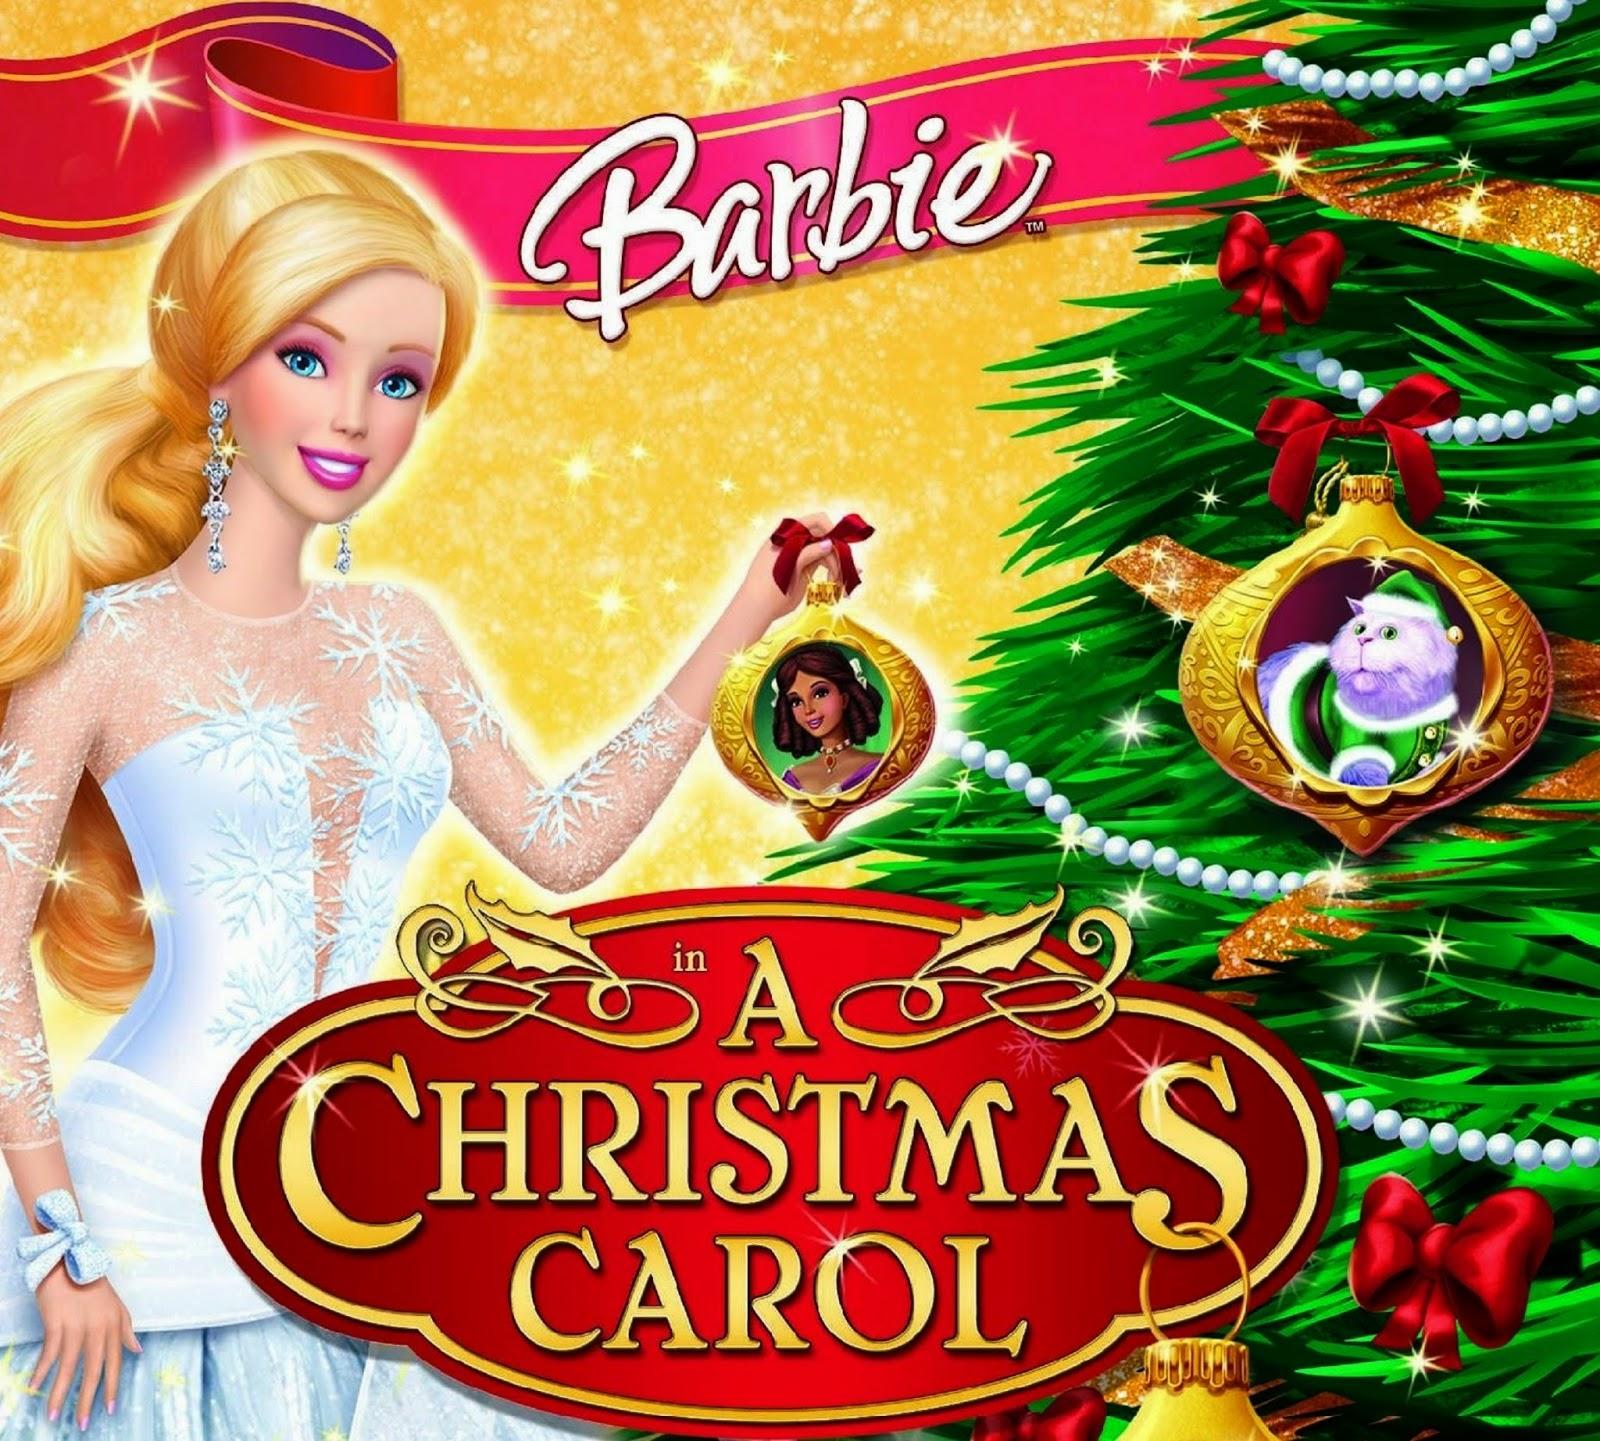 christmas carols barbie movies